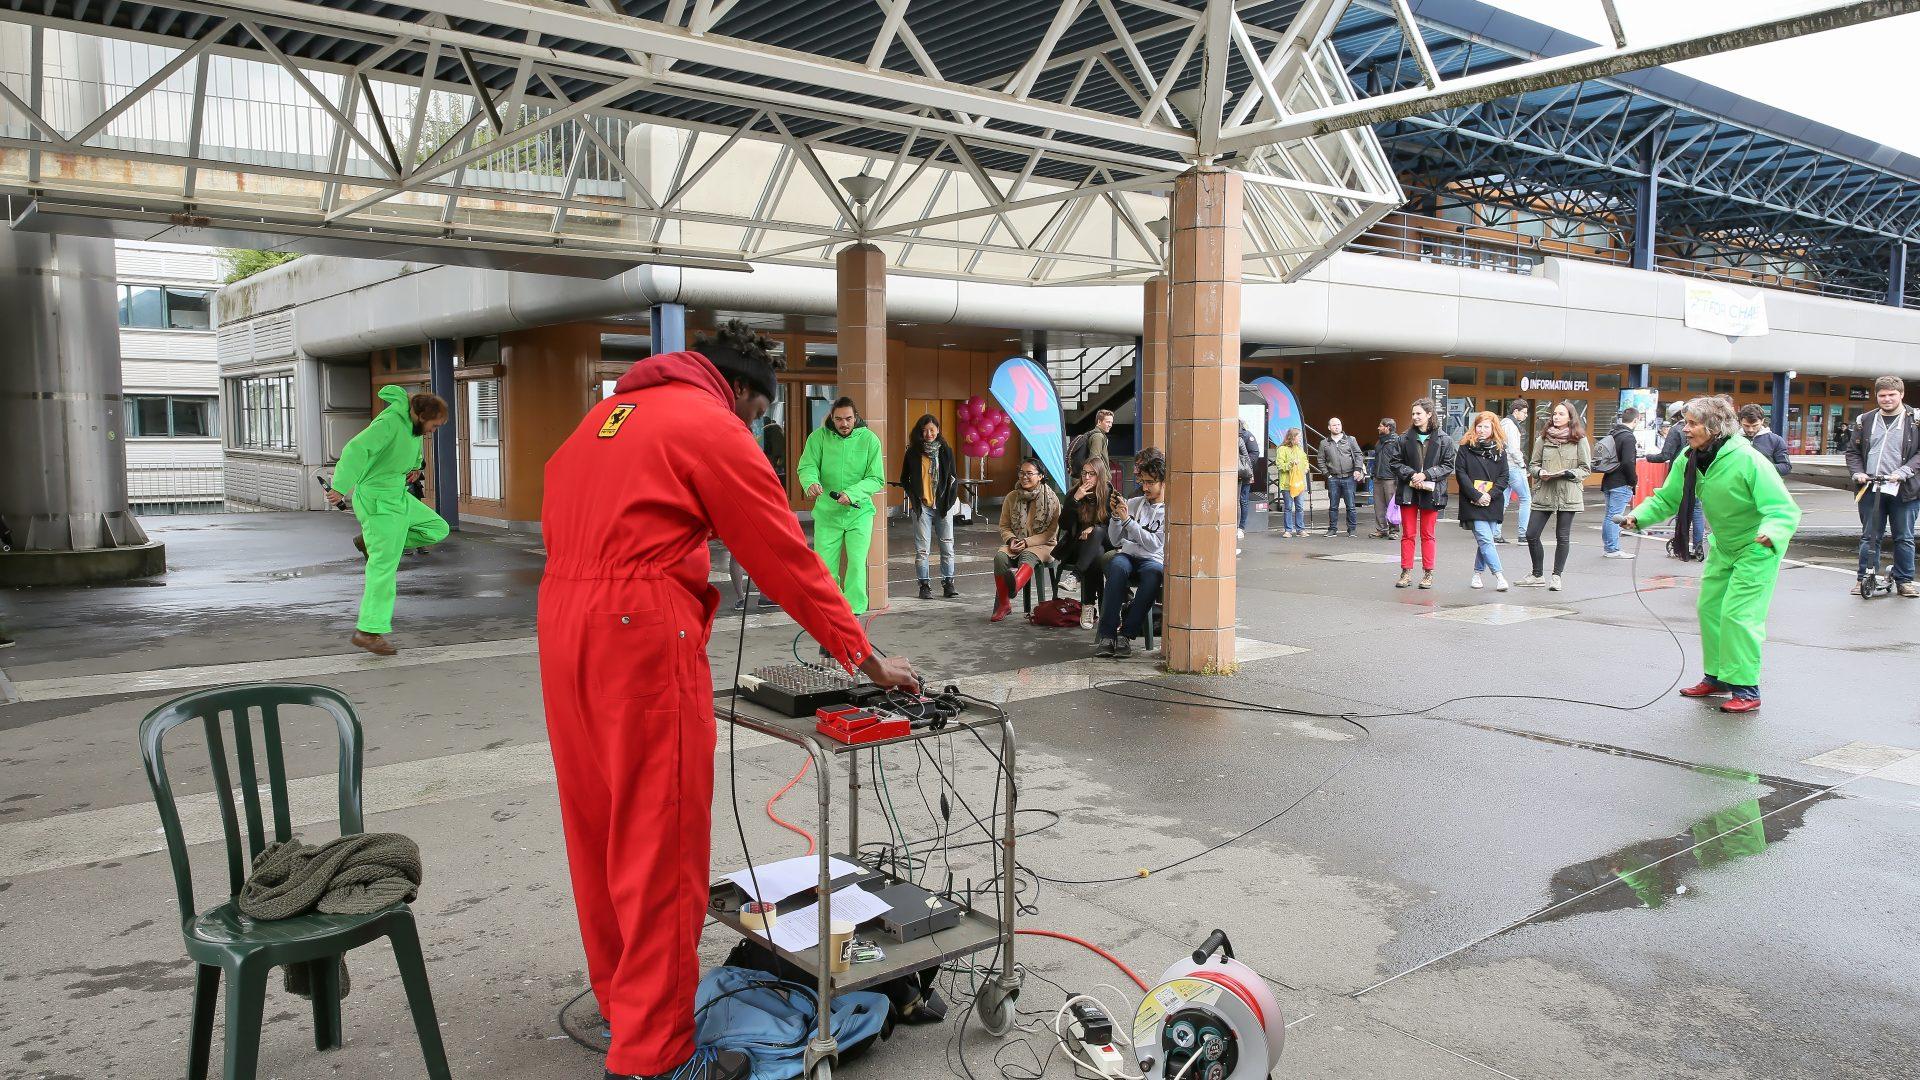 Sur l'Esplanade, une animation human beat-box et danse. Une personne, toute habillée de rouge au premier plan, fait du beat-boxing. Au secon plan, des danseurs tout habillés de vert.